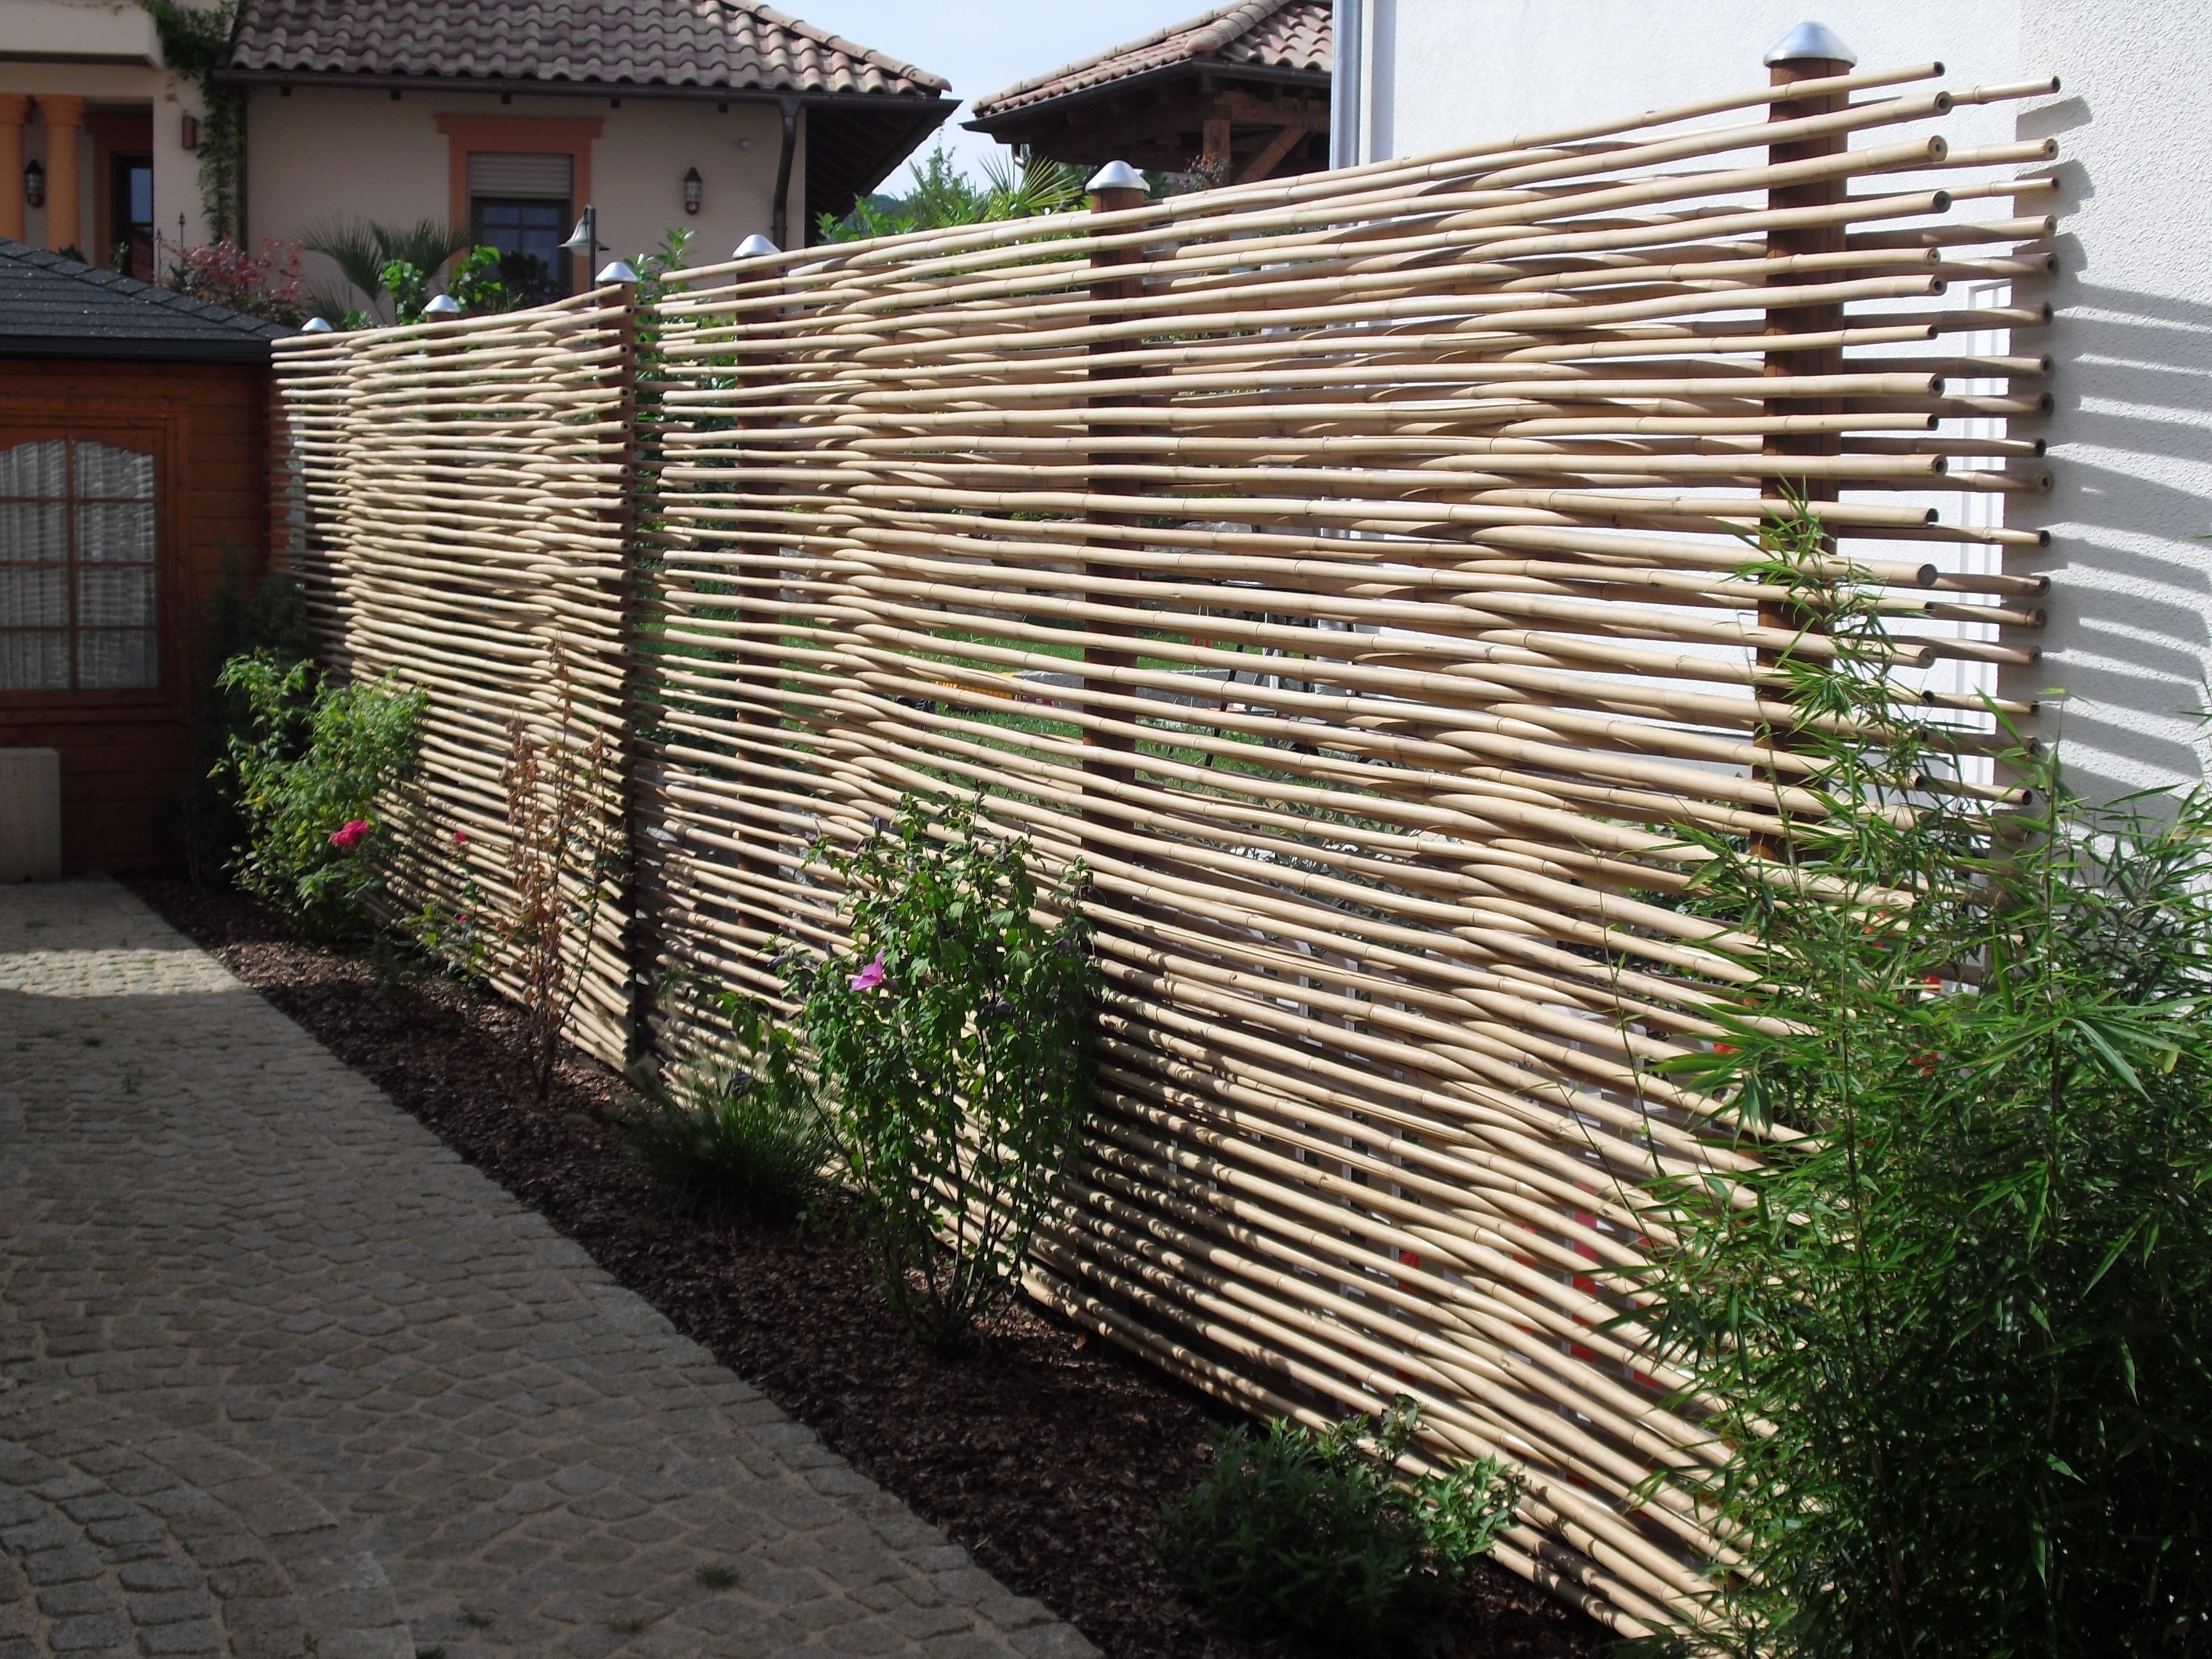 Bambus Sichtschutz Fur Den Garten Bambussichtschutz Bambus